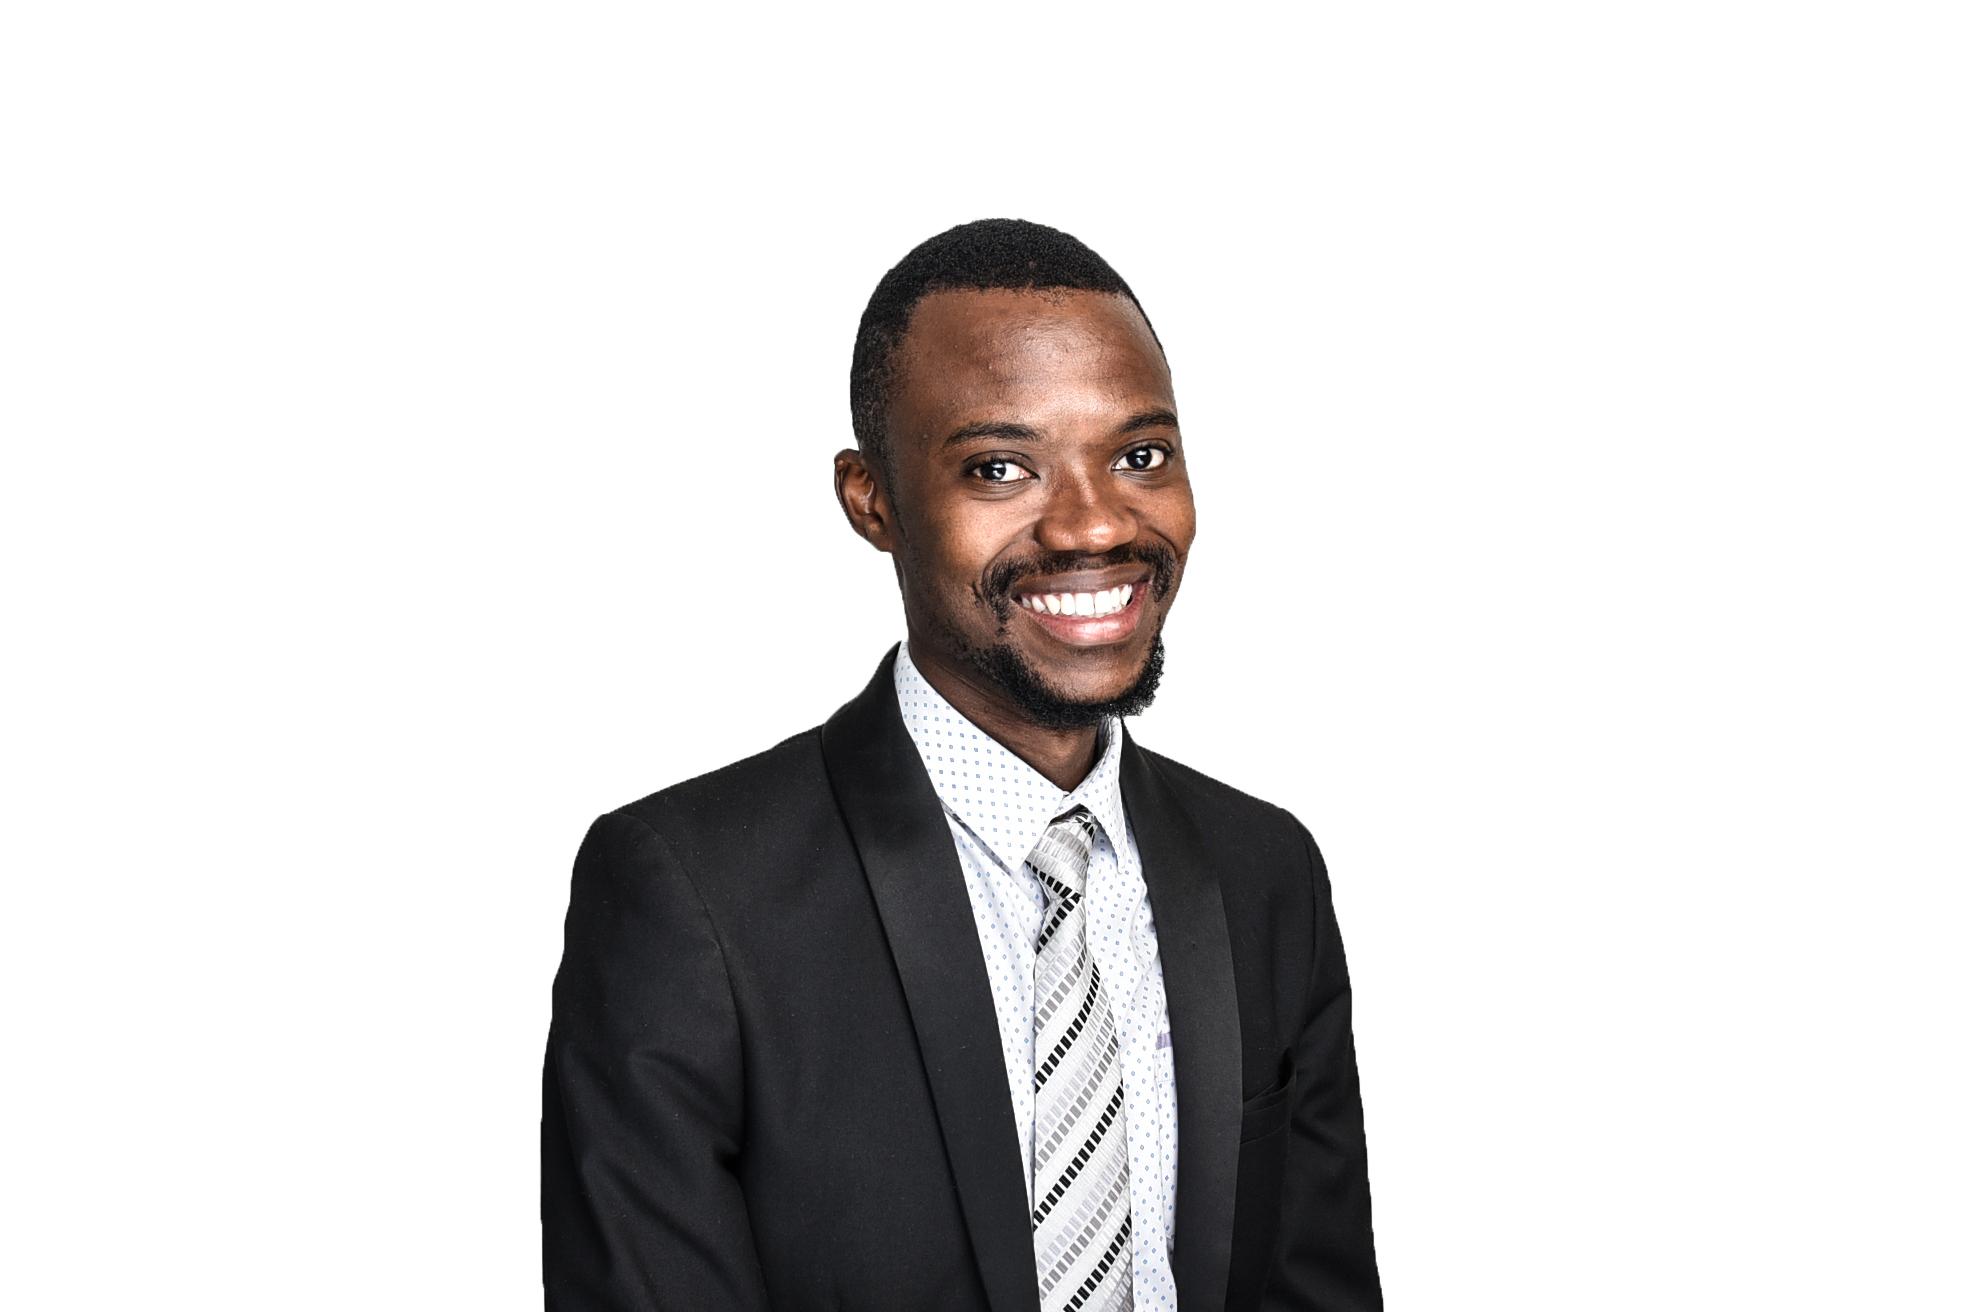 Strong Pioneered spirit, Thapelo Kgakatsi awarded for his relentless 'smart' work